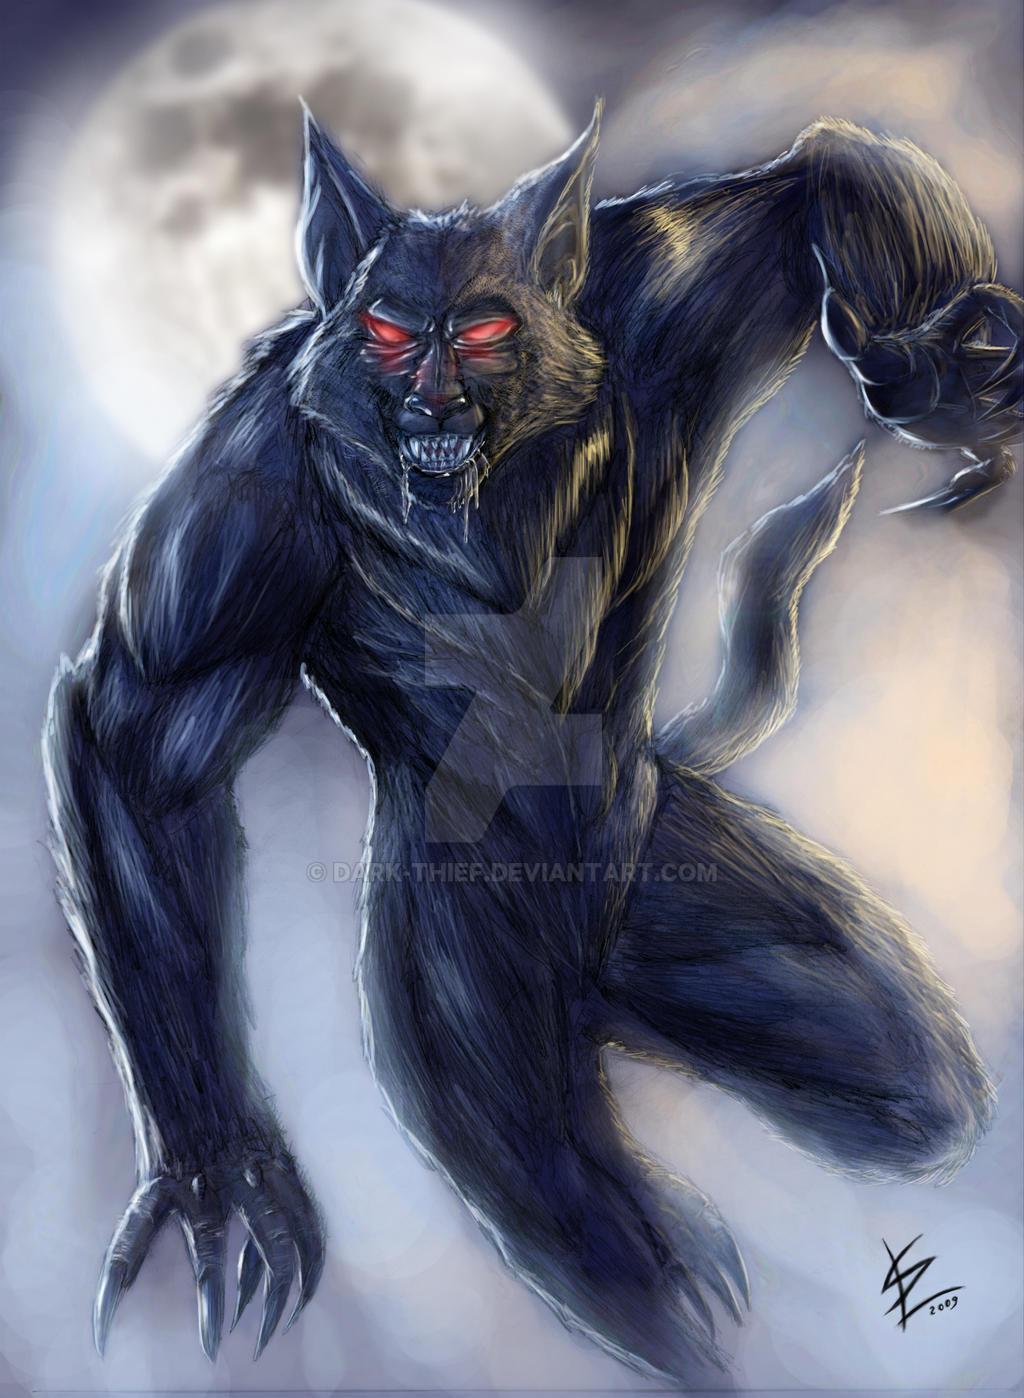 Werewolf by Dark-thief